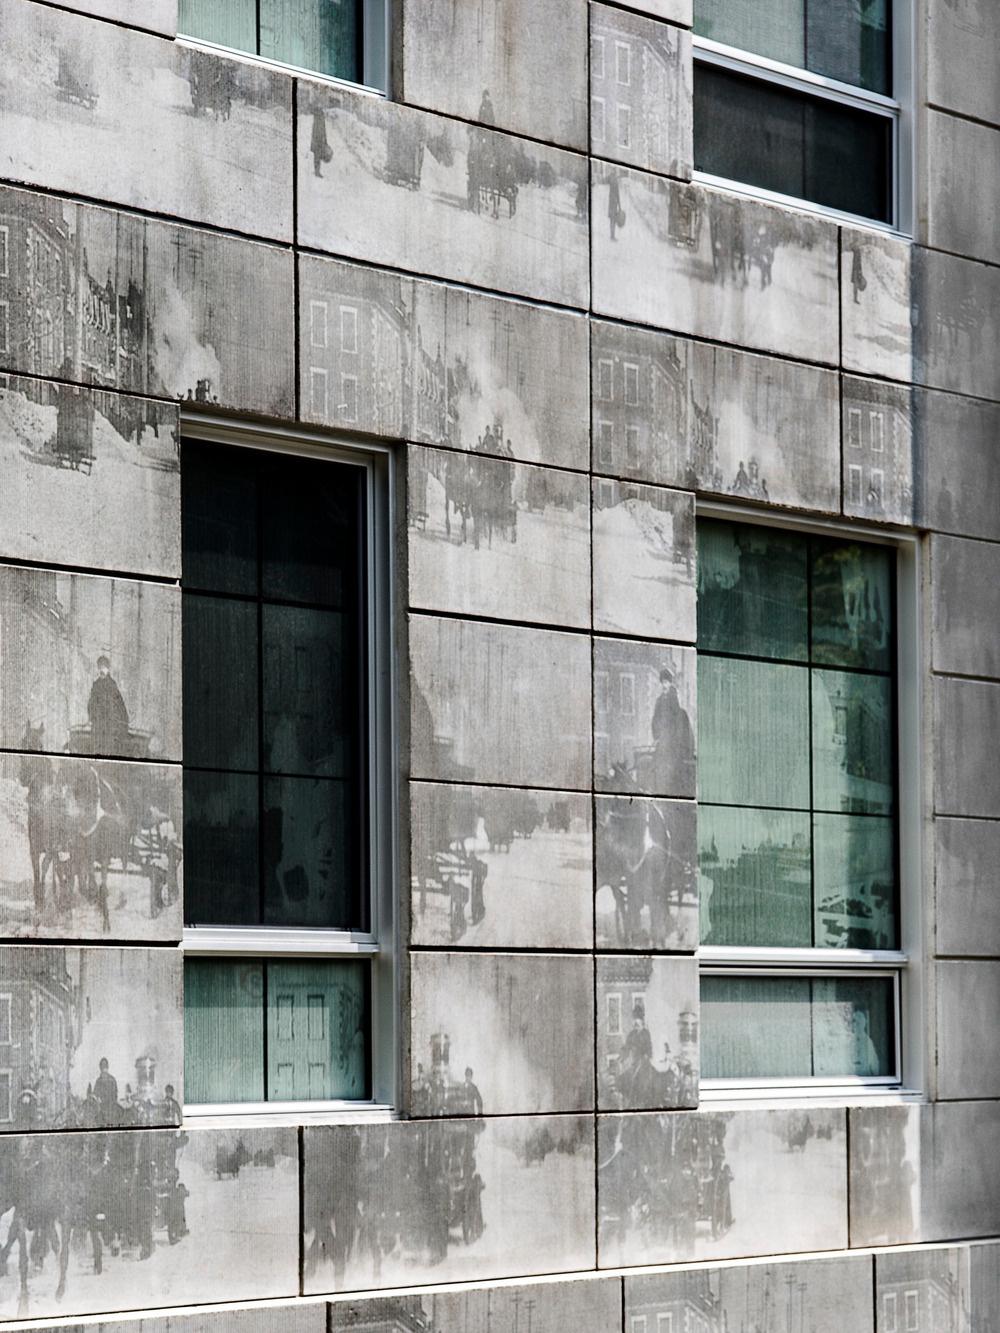 """Vďaka špeciálnej metóde textúrovania betónu je možné na betónovú plochu preniesť aj fotografiu. Zaujímavé použitie tejto technológie vtislo inak hrubému a """"brutálnemu"""" materiálu hravý a flexibilný charakter."""